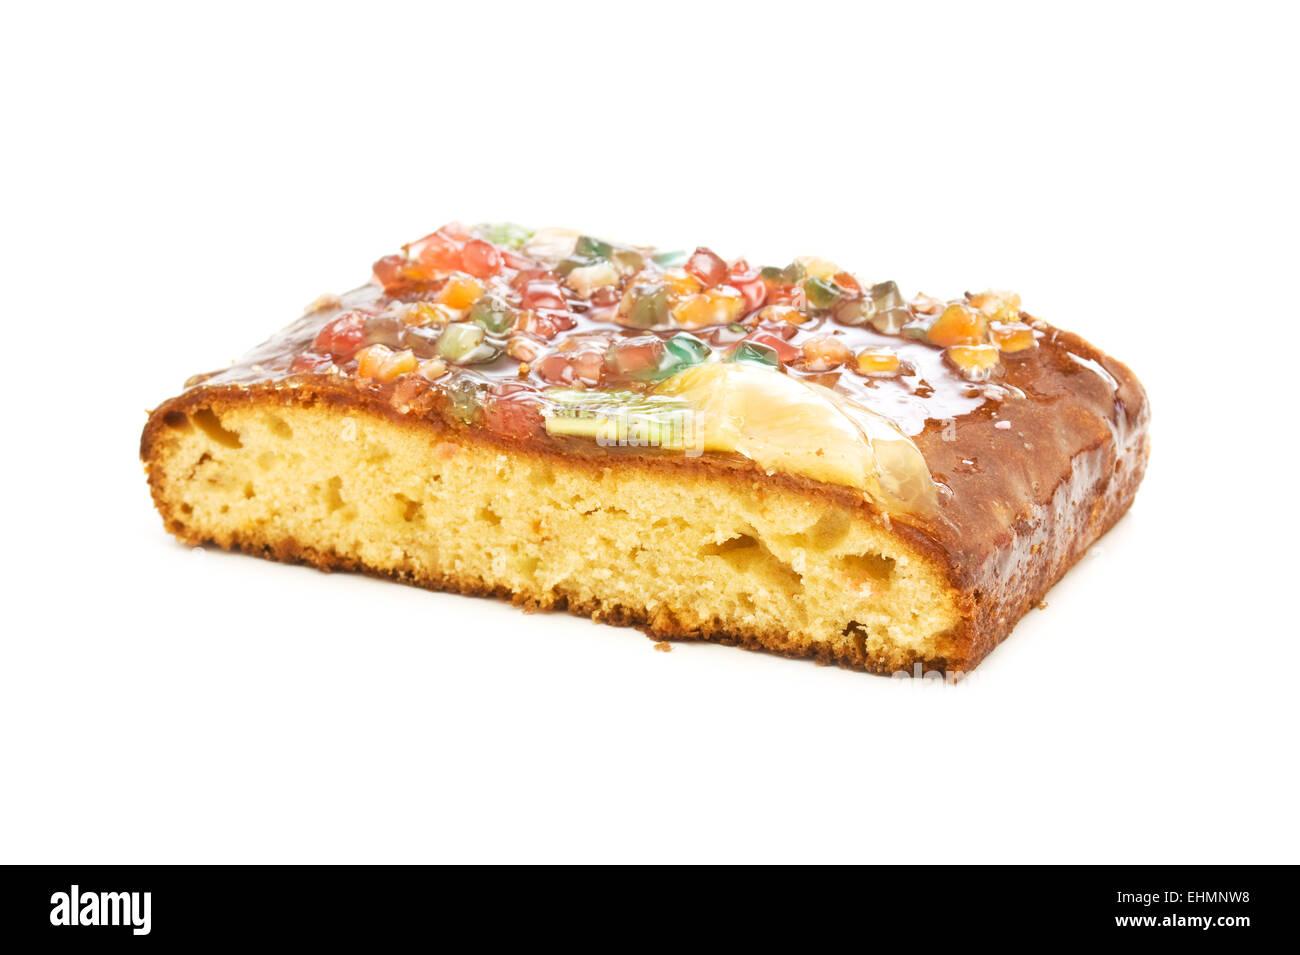 tart isolated on white background - Stock Image